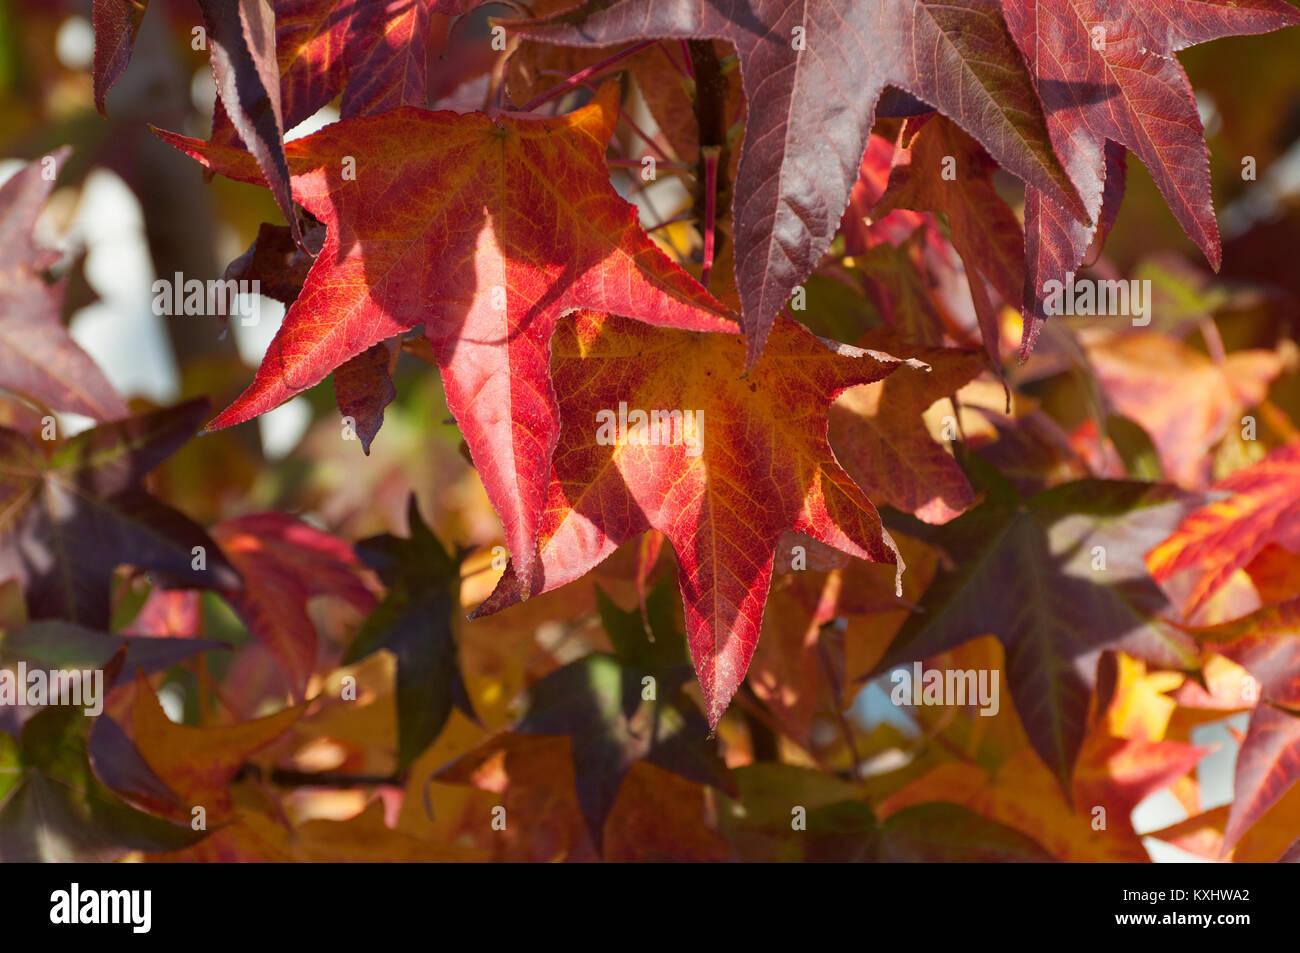 liquidamber arbre avec la feuille rouge banque d'images, photo stock